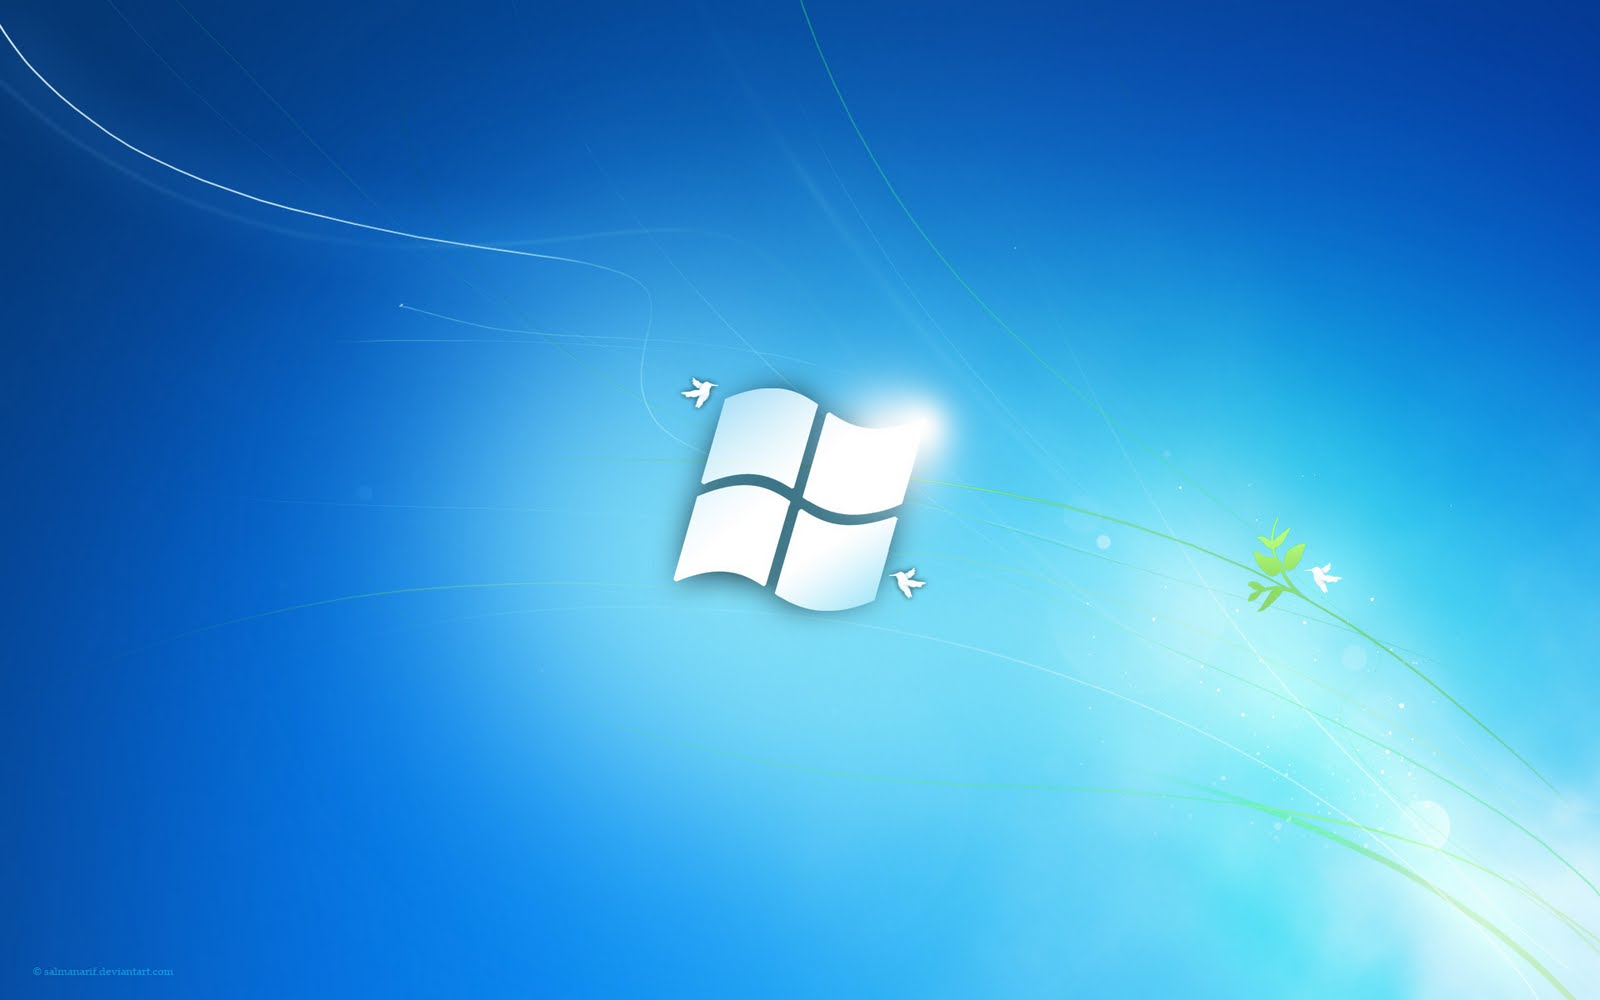 Windows 98 Wallpaper WallpaperSafari